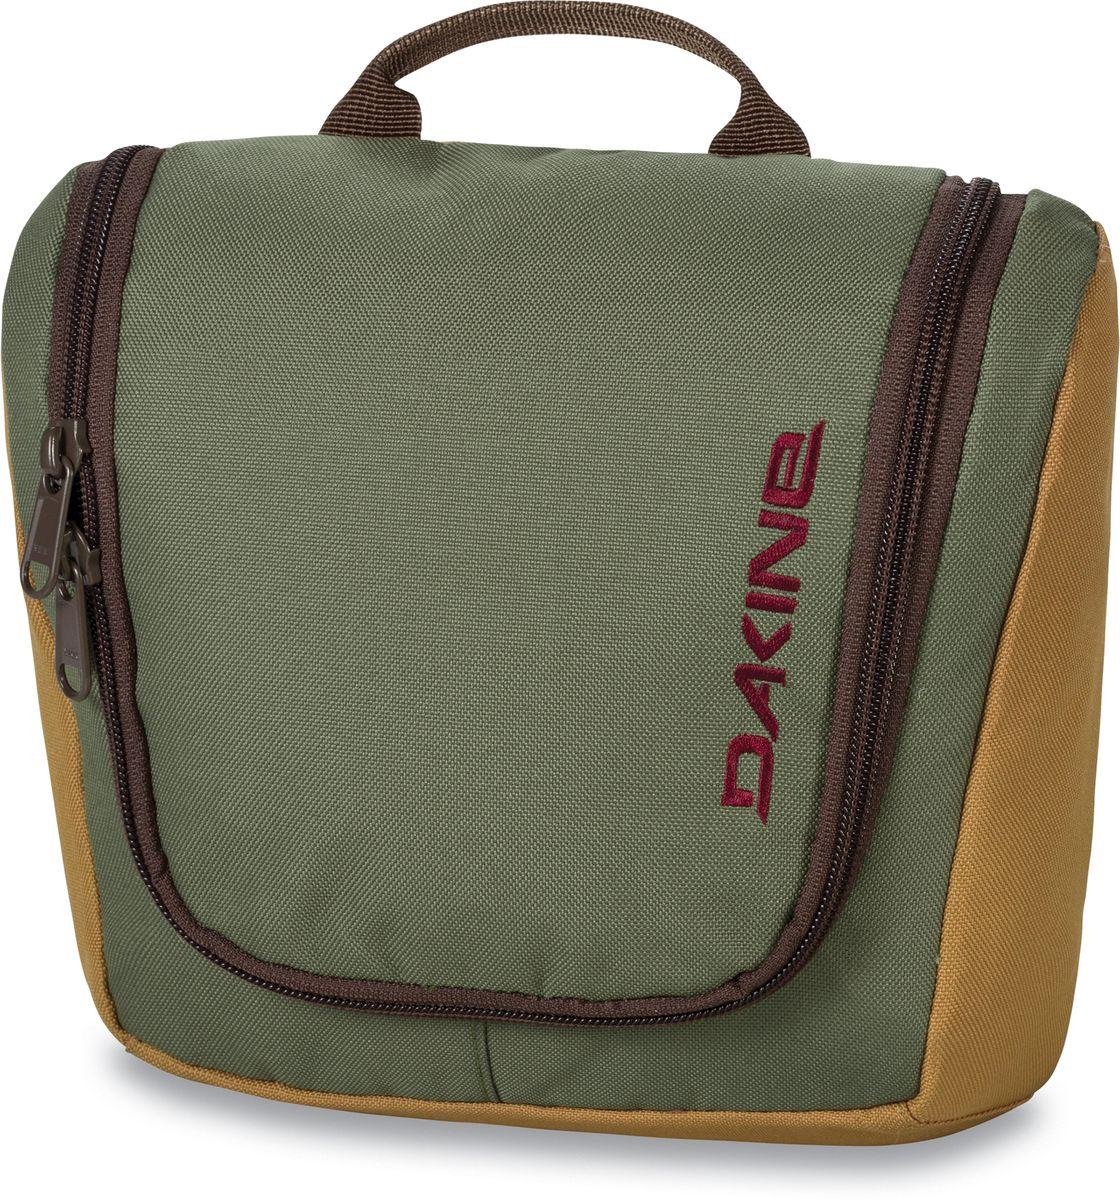 Косметичка дорожная Dakine Travel Kit, цвет: хаки, 3 л95940-905Косметичка Dakine Travel Kit выполнена из полиэстера и застегивается на молнию. Модель может подвешиваться за крючок. Внутри отделение-органайзер.